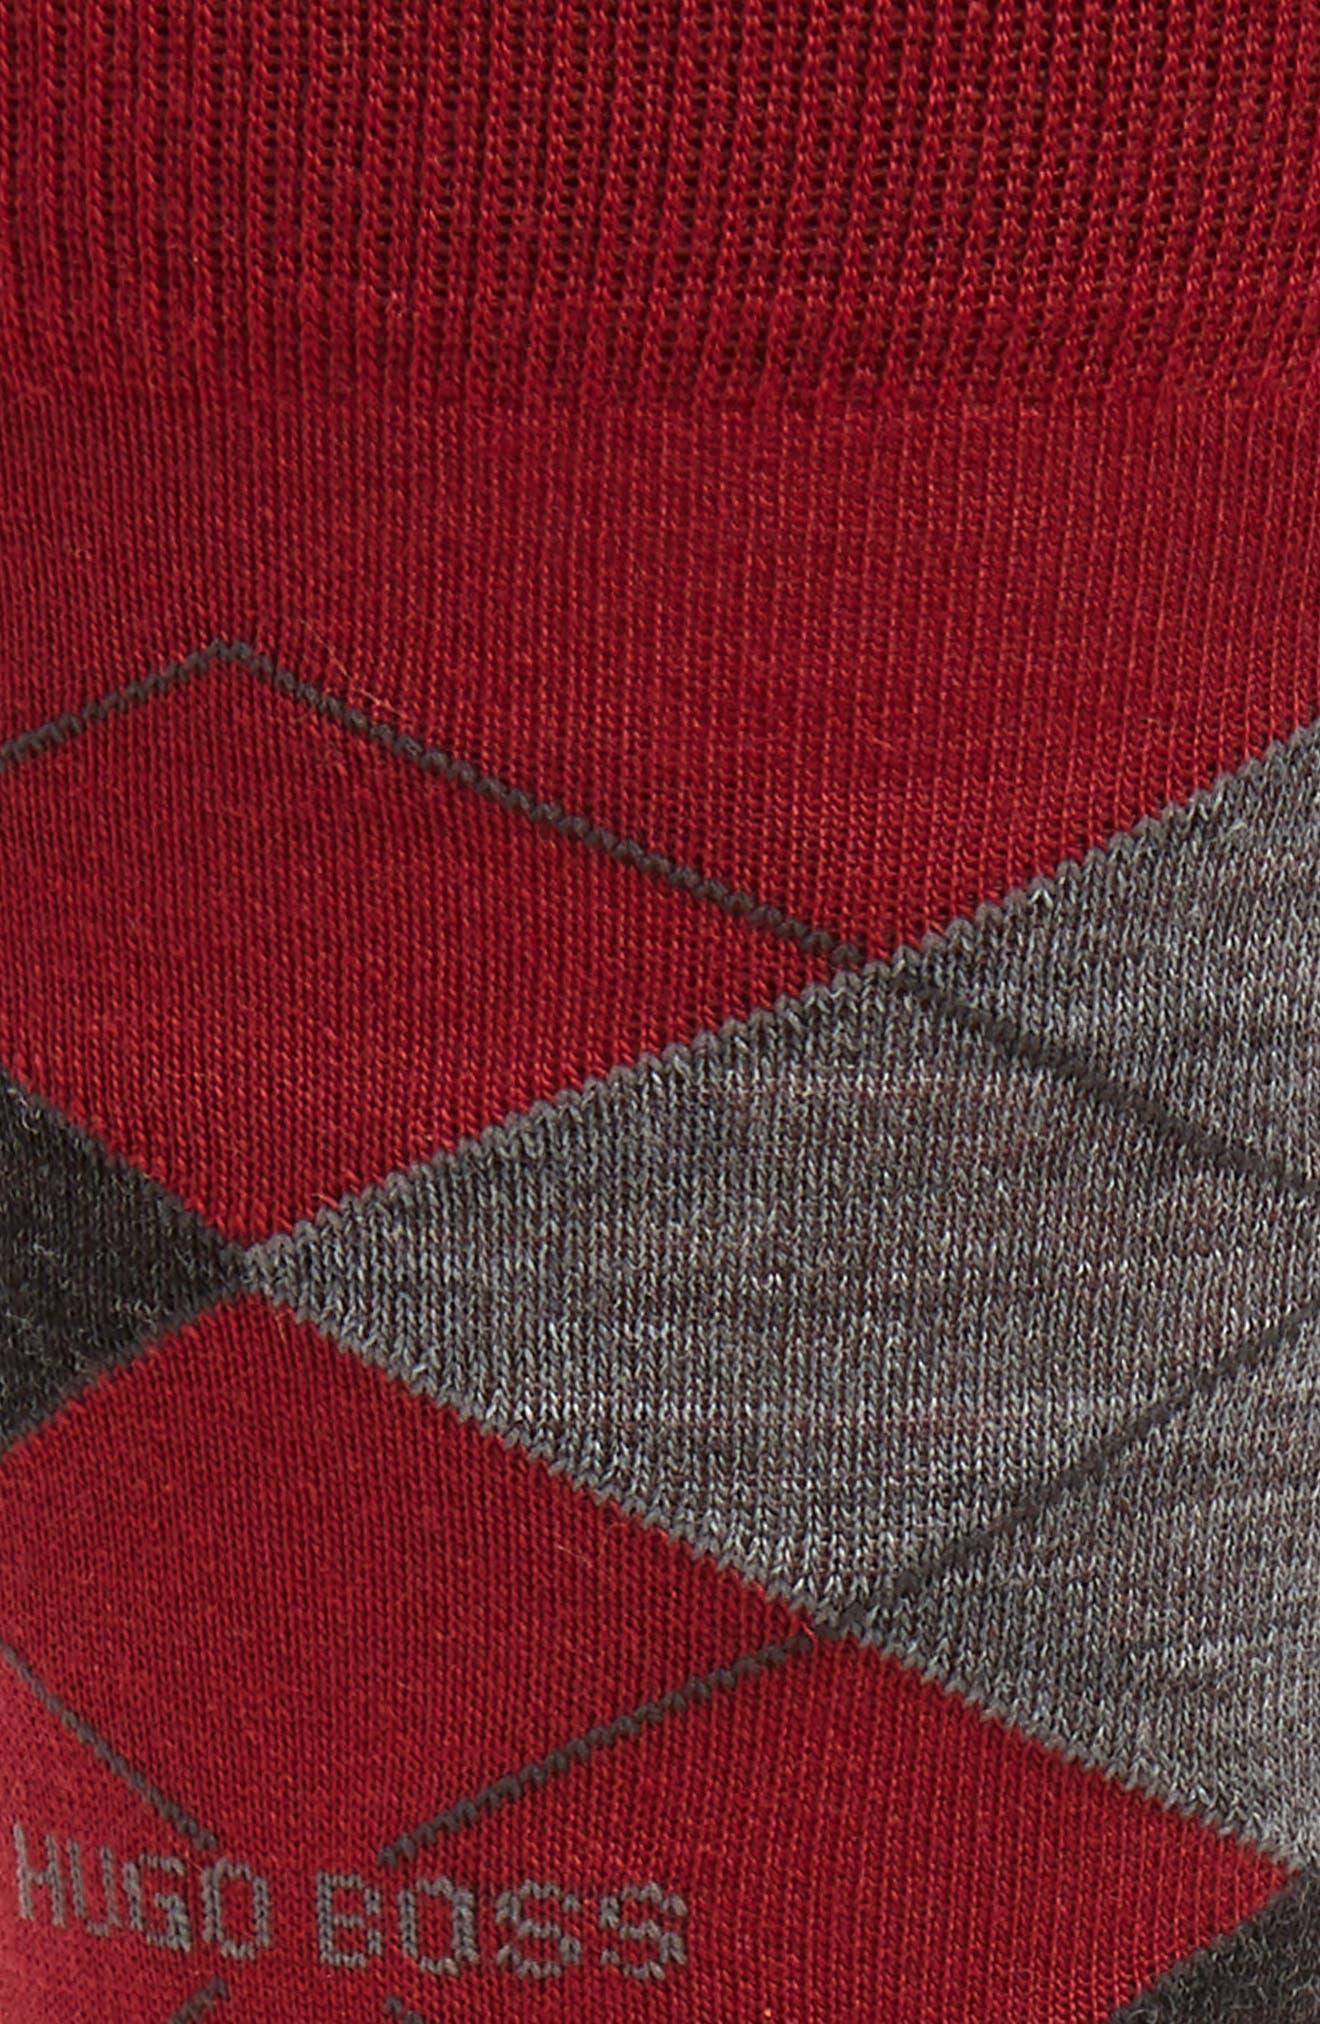 Argyle Socks,                             Alternate thumbnail 2, color,                             608